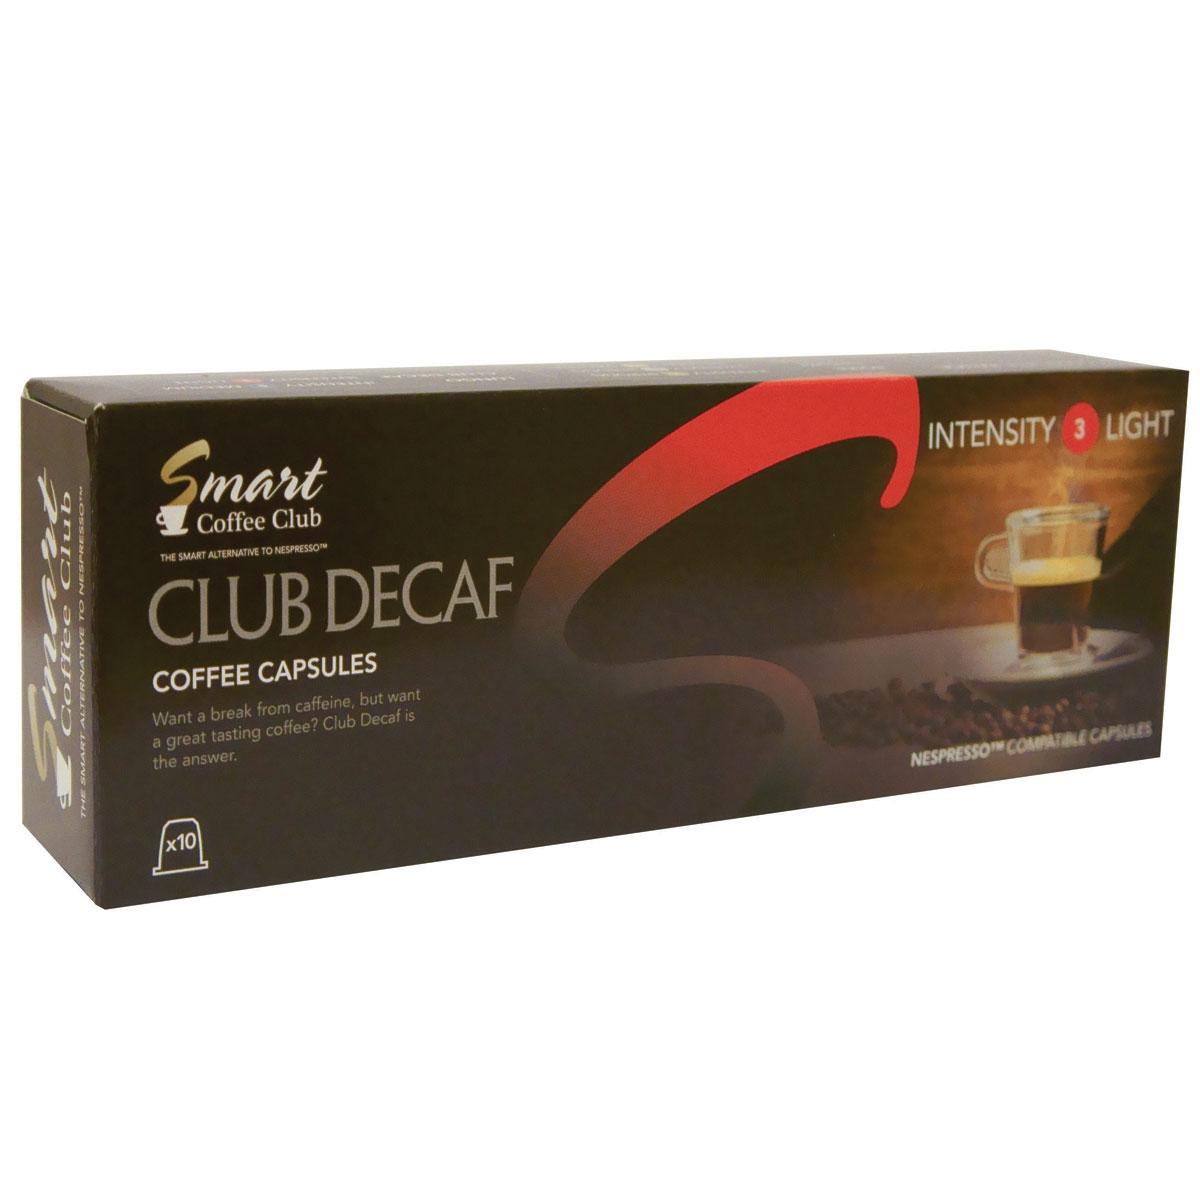 Smart Coffee Club Decaf кофе в капсулах, 10 штук5573063222122Традиционный деликатный вкус слегка обжаренной арабики Smart Coffee Club Decaf поможет вам расслабиться и насладиться моментом. Специально разработанная смесь с пониженным содержанием кофеина приготовлена без малейшего ущерба для вкуса и аромата напитка.